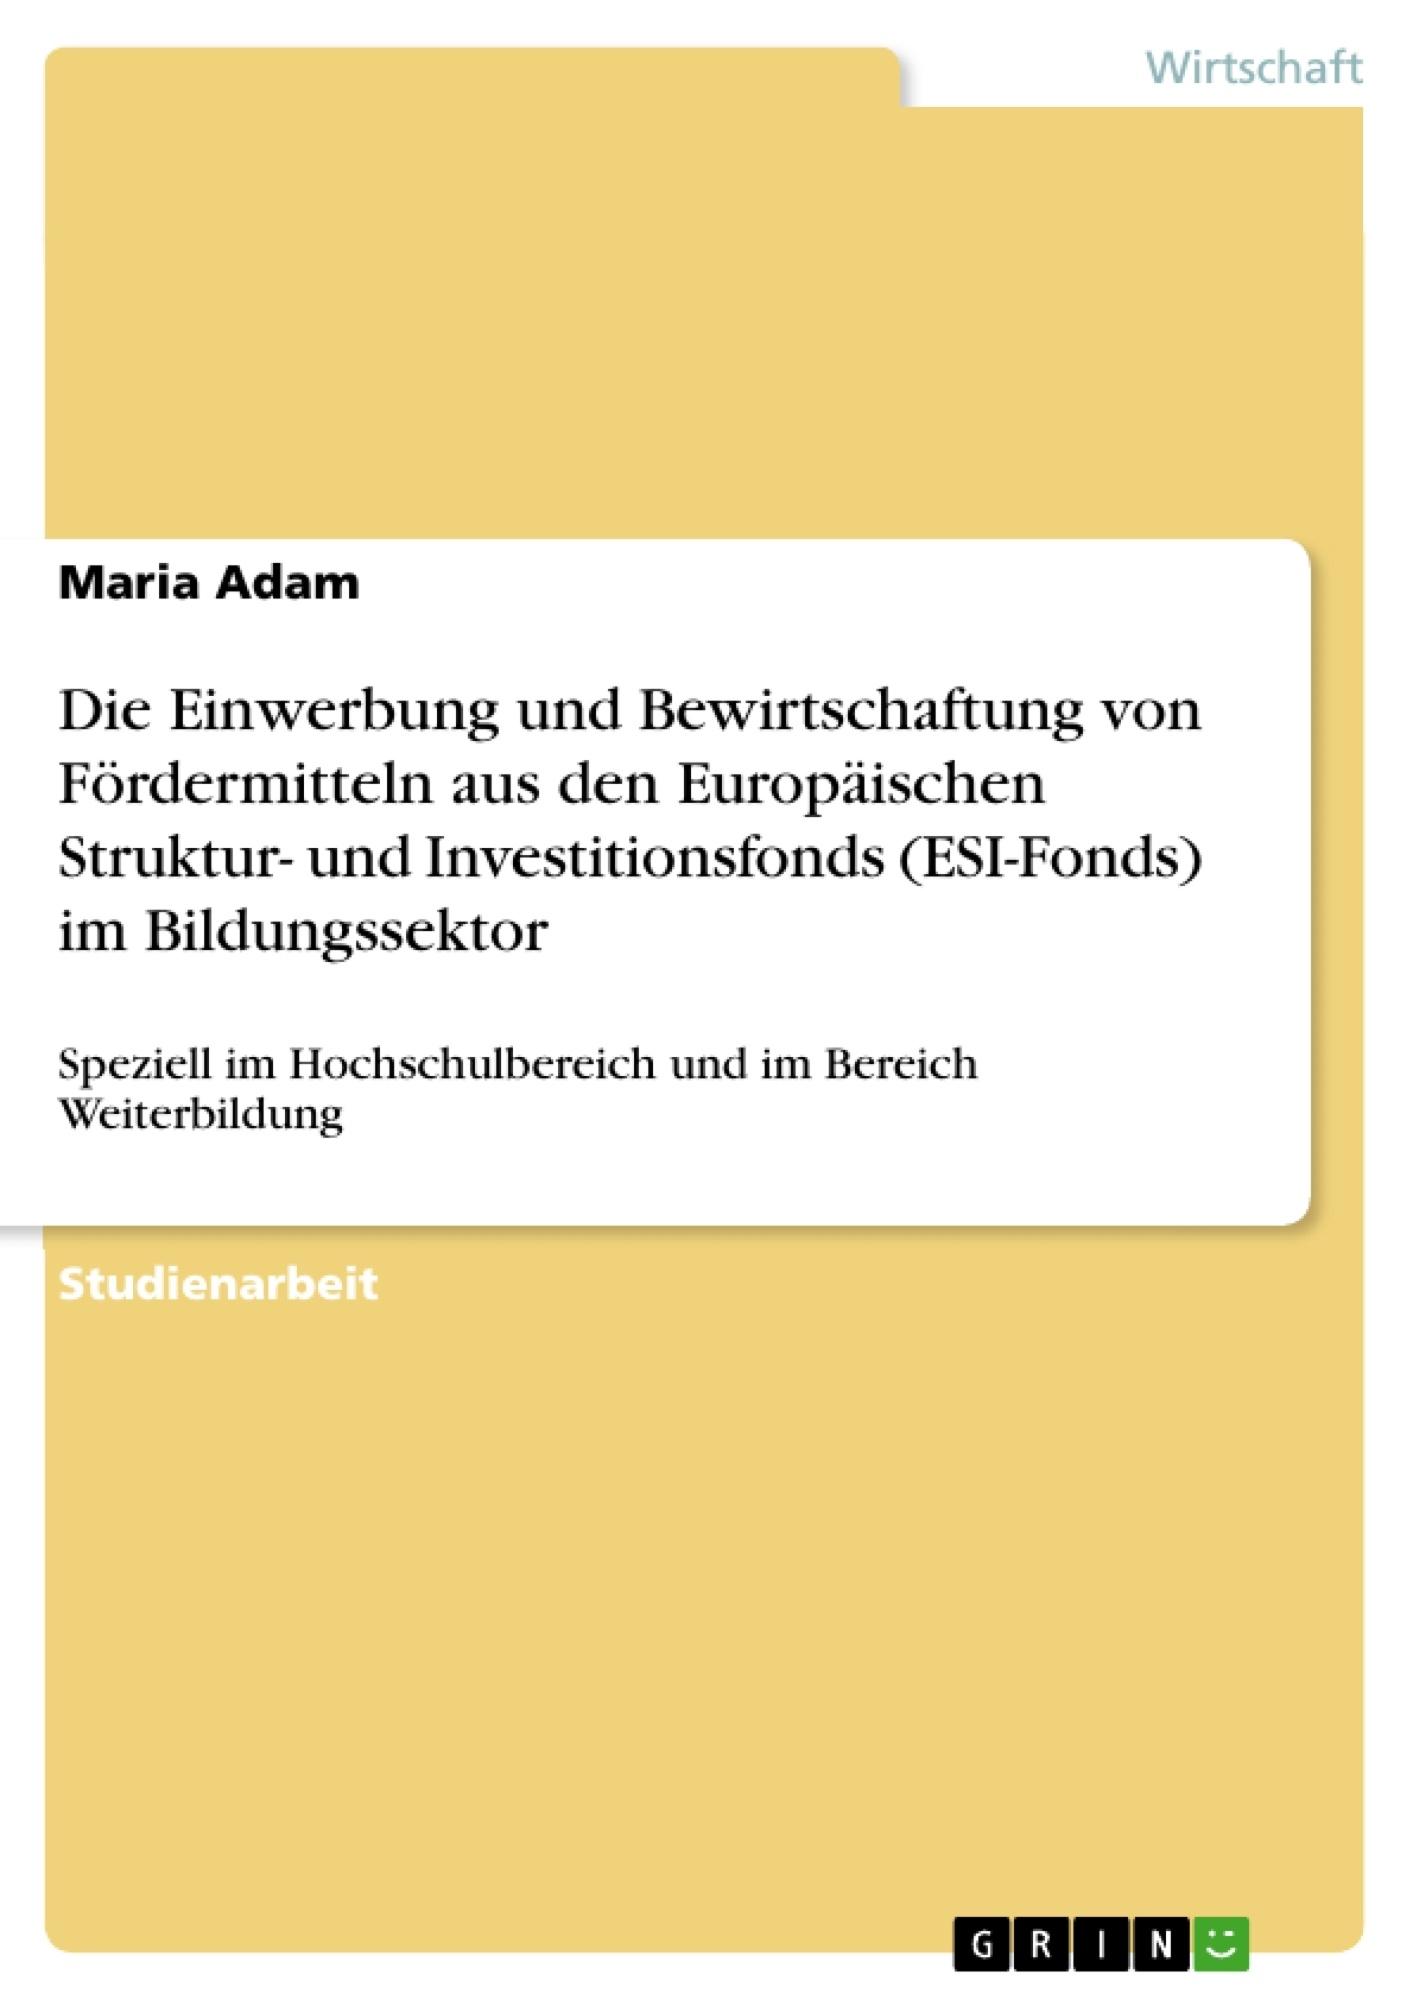 Titel: Die Einwerbung und Bewirtschaftung von Fördermitteln aus den Europäischen Struktur- und Investitionsfonds (ESI-Fonds) im Bildungssektor